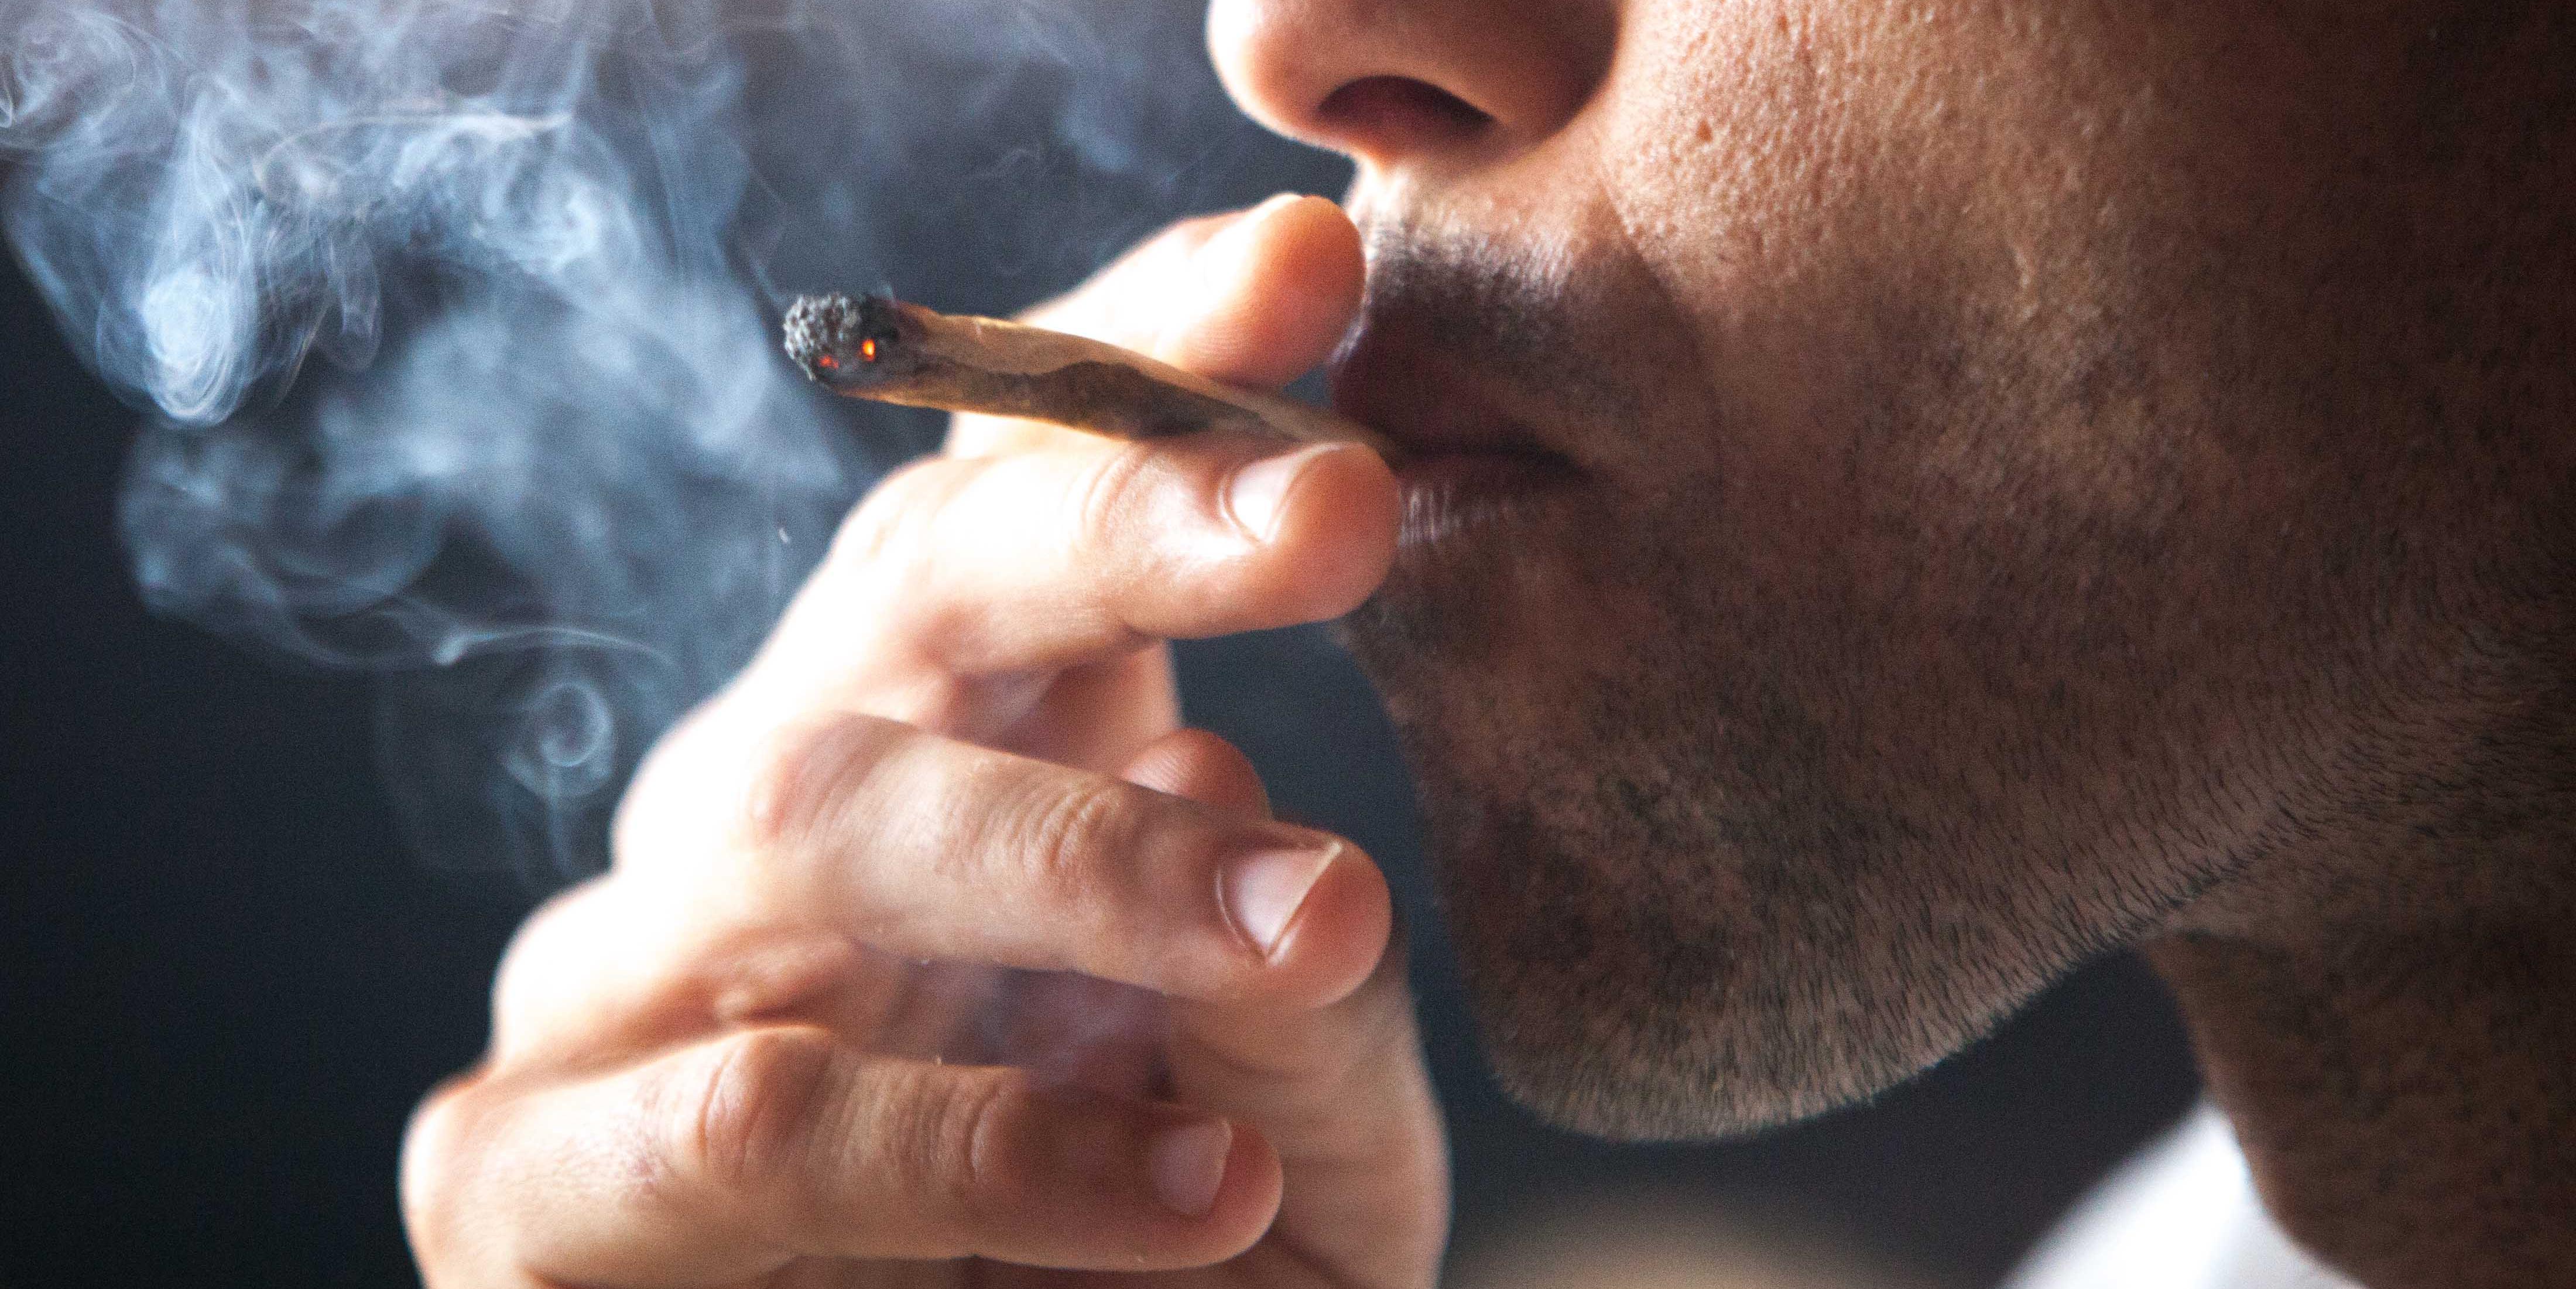 magas vérnyomás marihuánát dohányozni reggeli gyakorlatok magas vérnyomás ellen